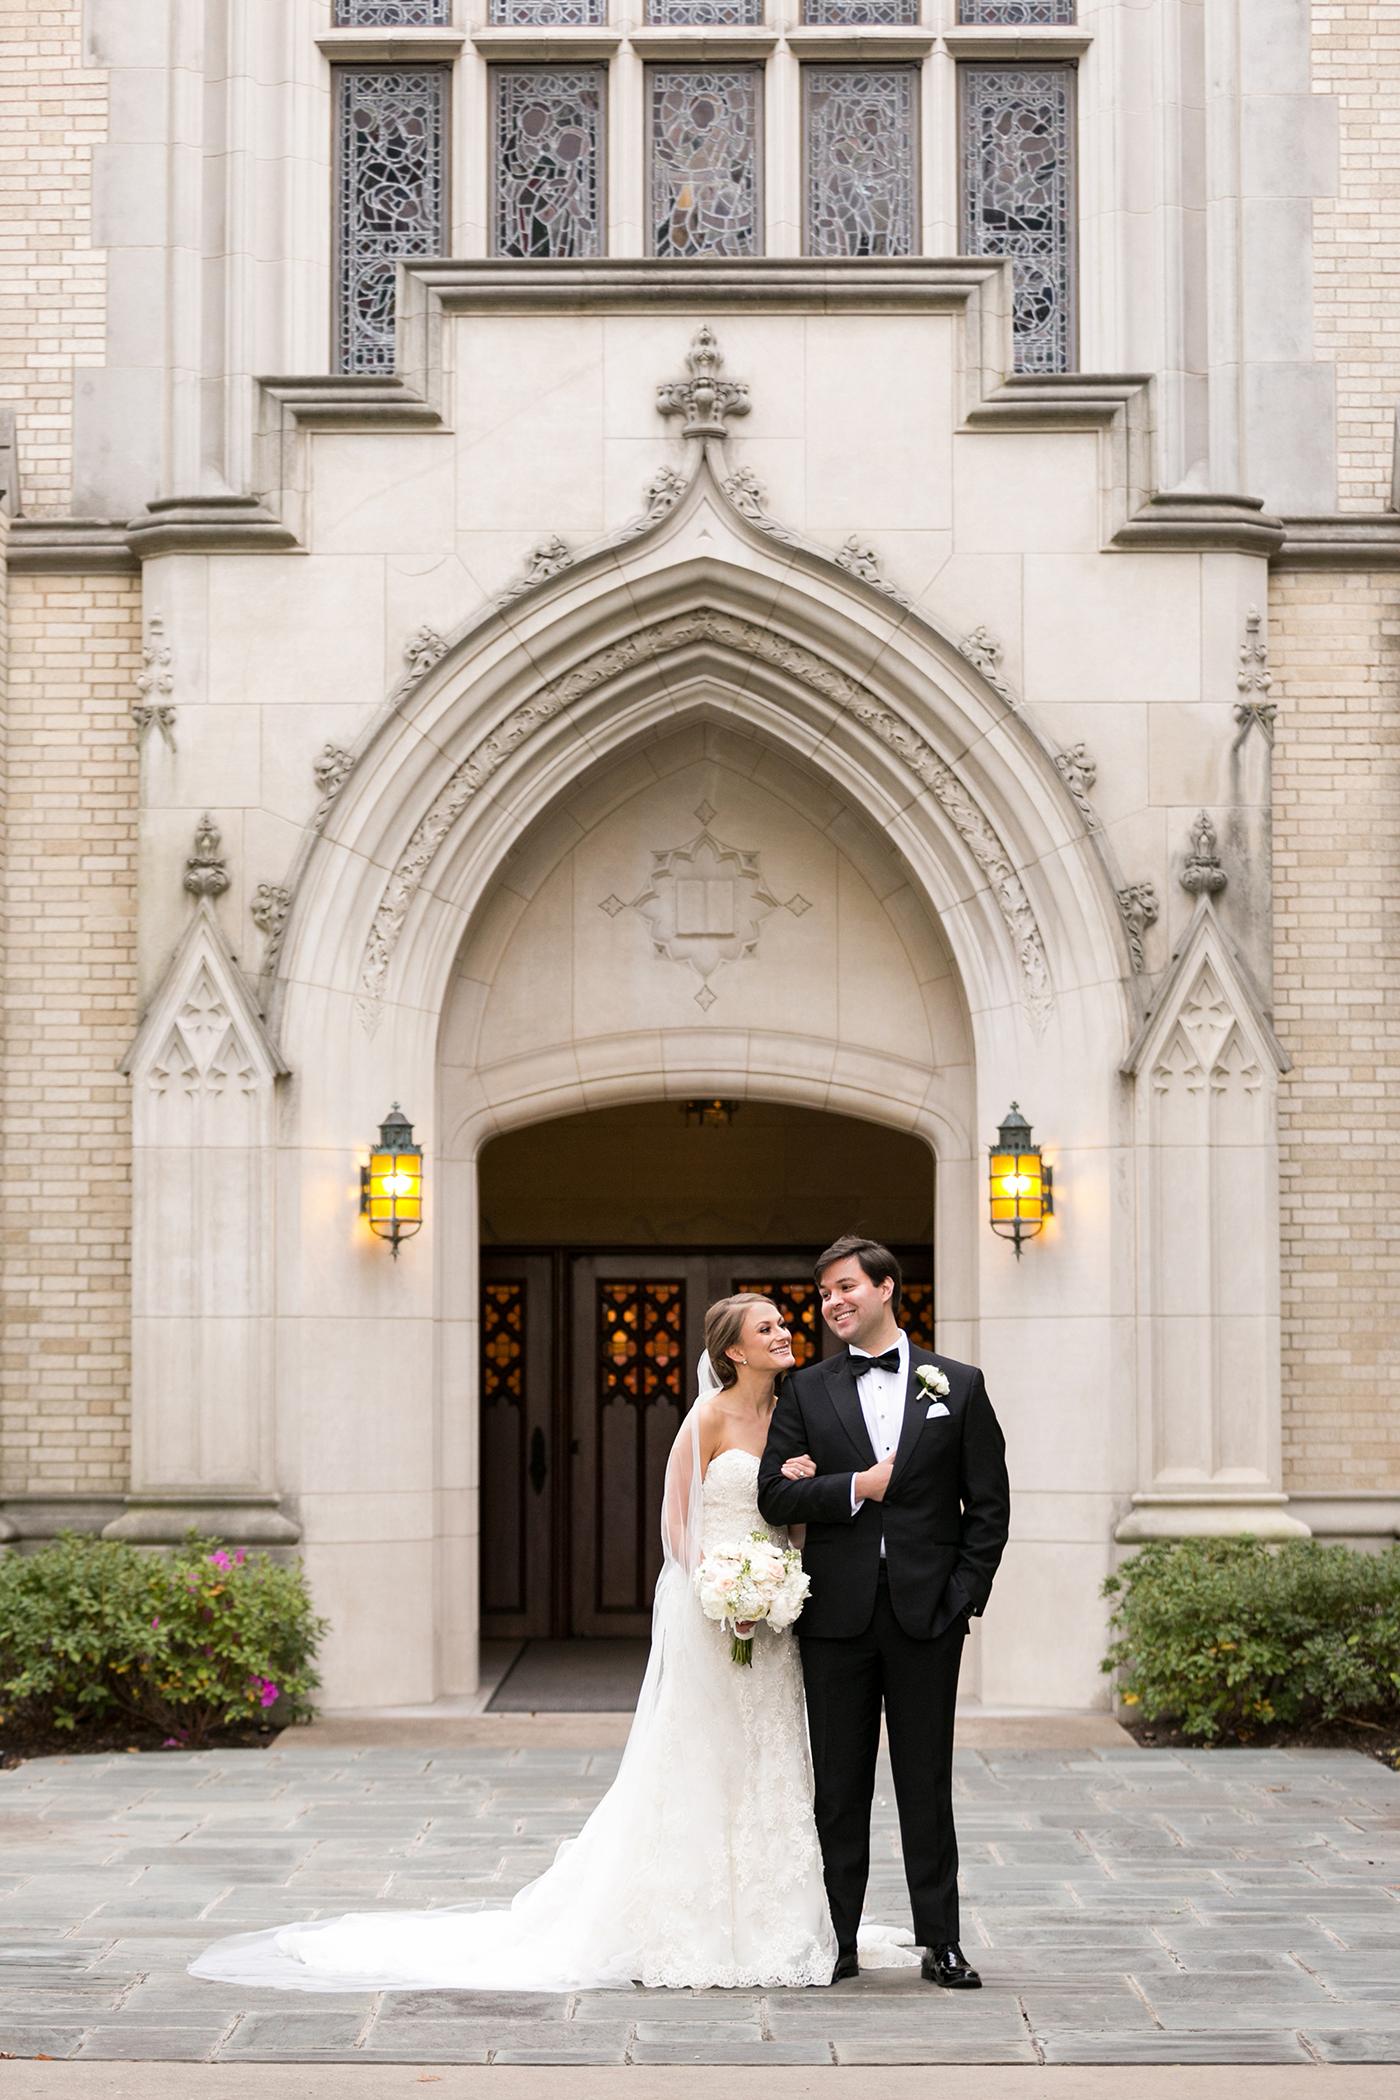 Dallas Wedding Planner - Allday Events - Classic Wedding at Dallas Scottish Rite - 291.jpg